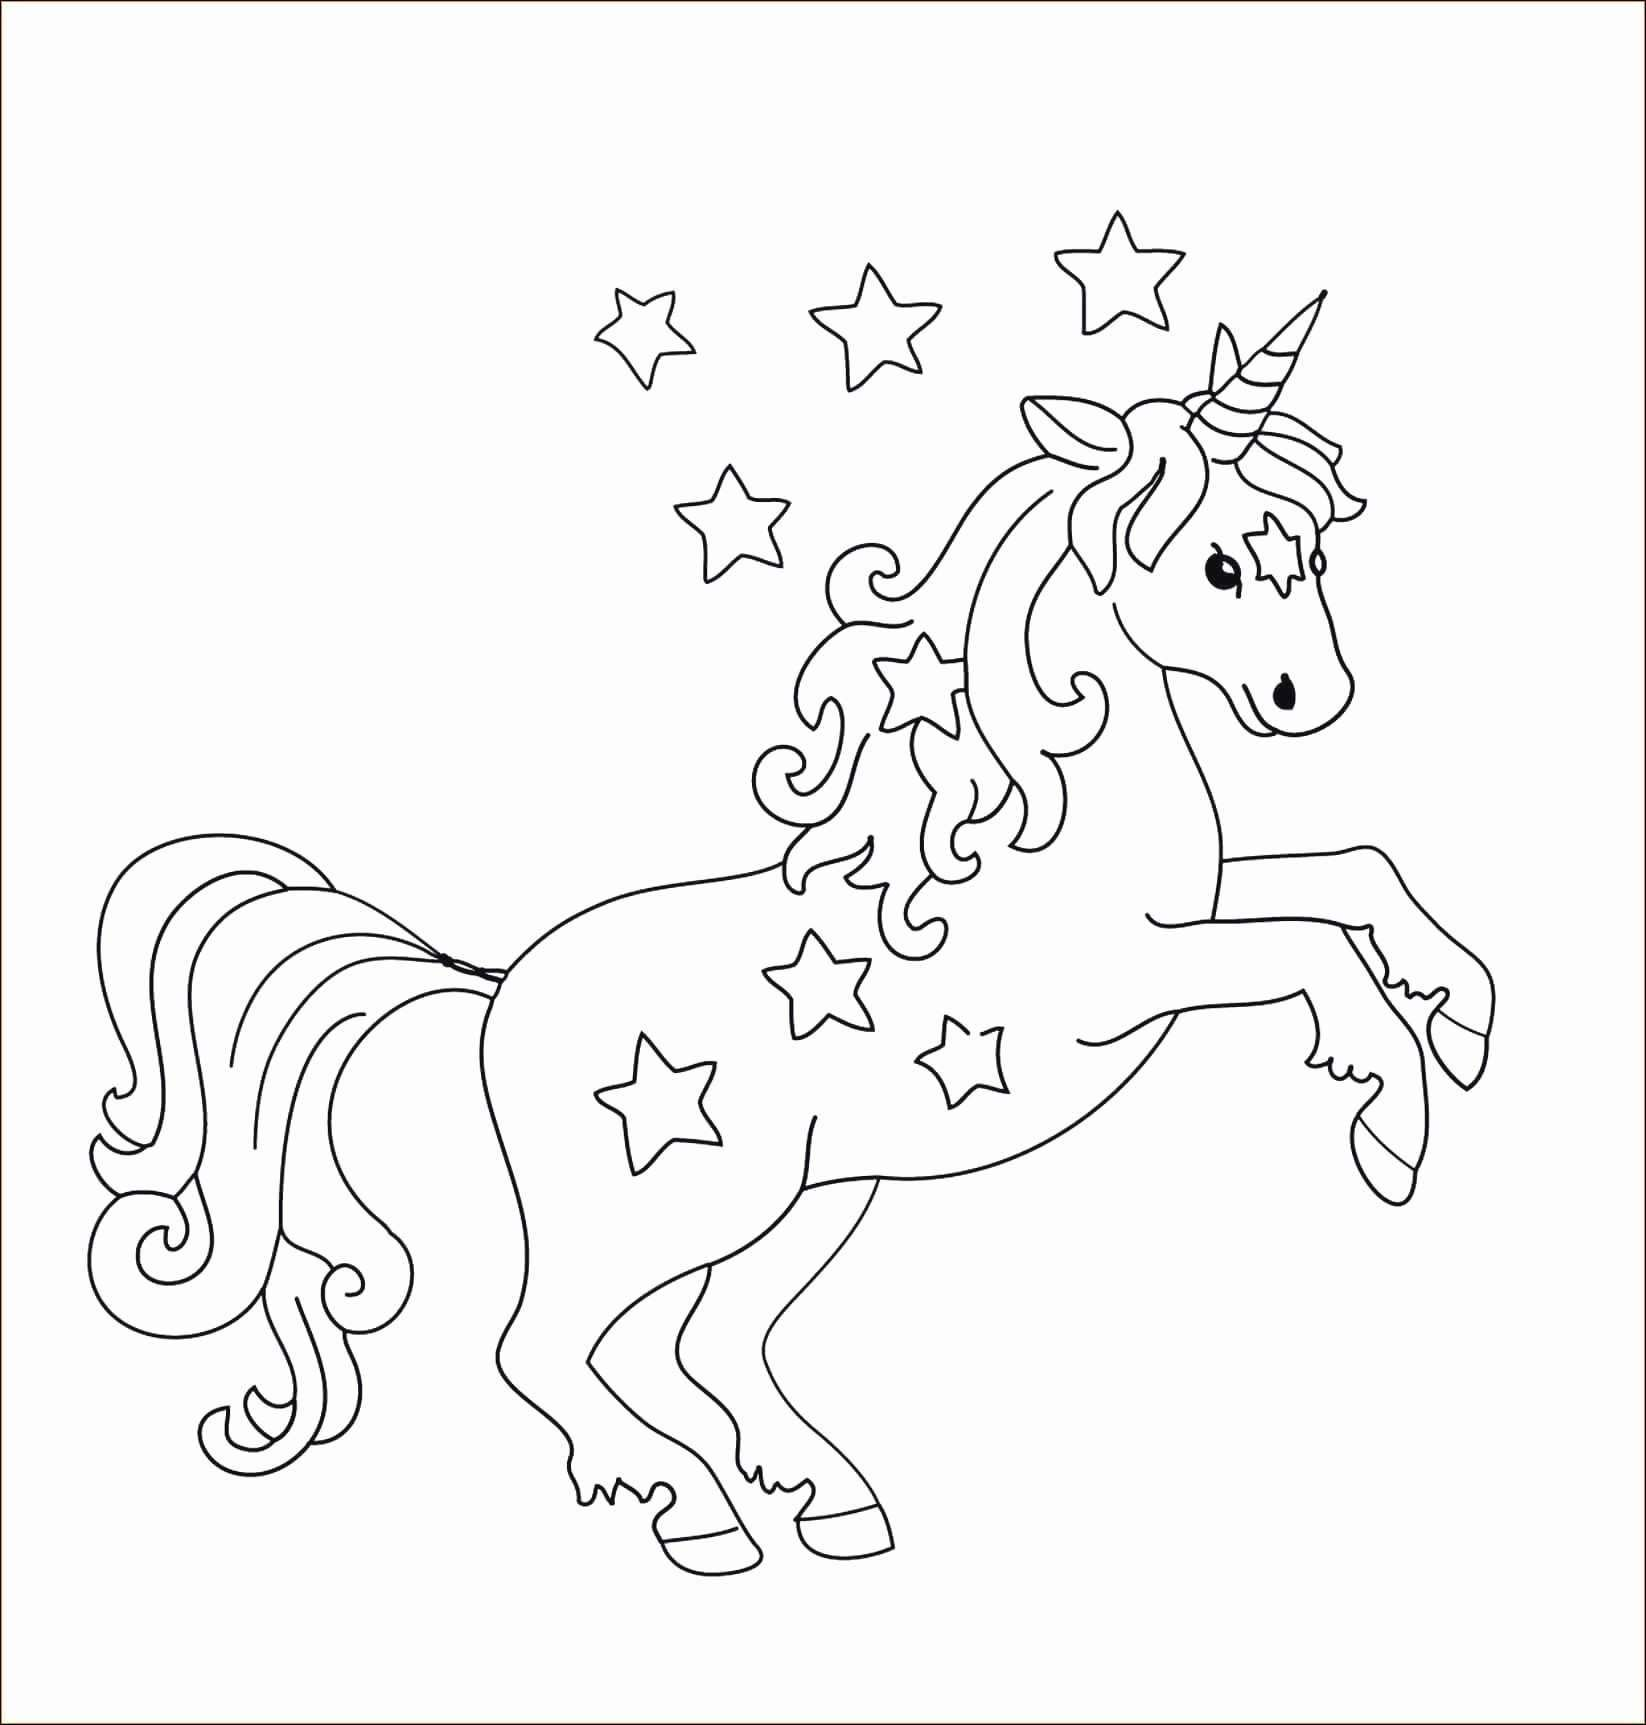 Pin Von Bazar El Regalo Ideal Auf Dibujos B N Einhorn Zum Ausmalen Ausmalbilder Pferde Zum Ausdrucken Ausmalbilder